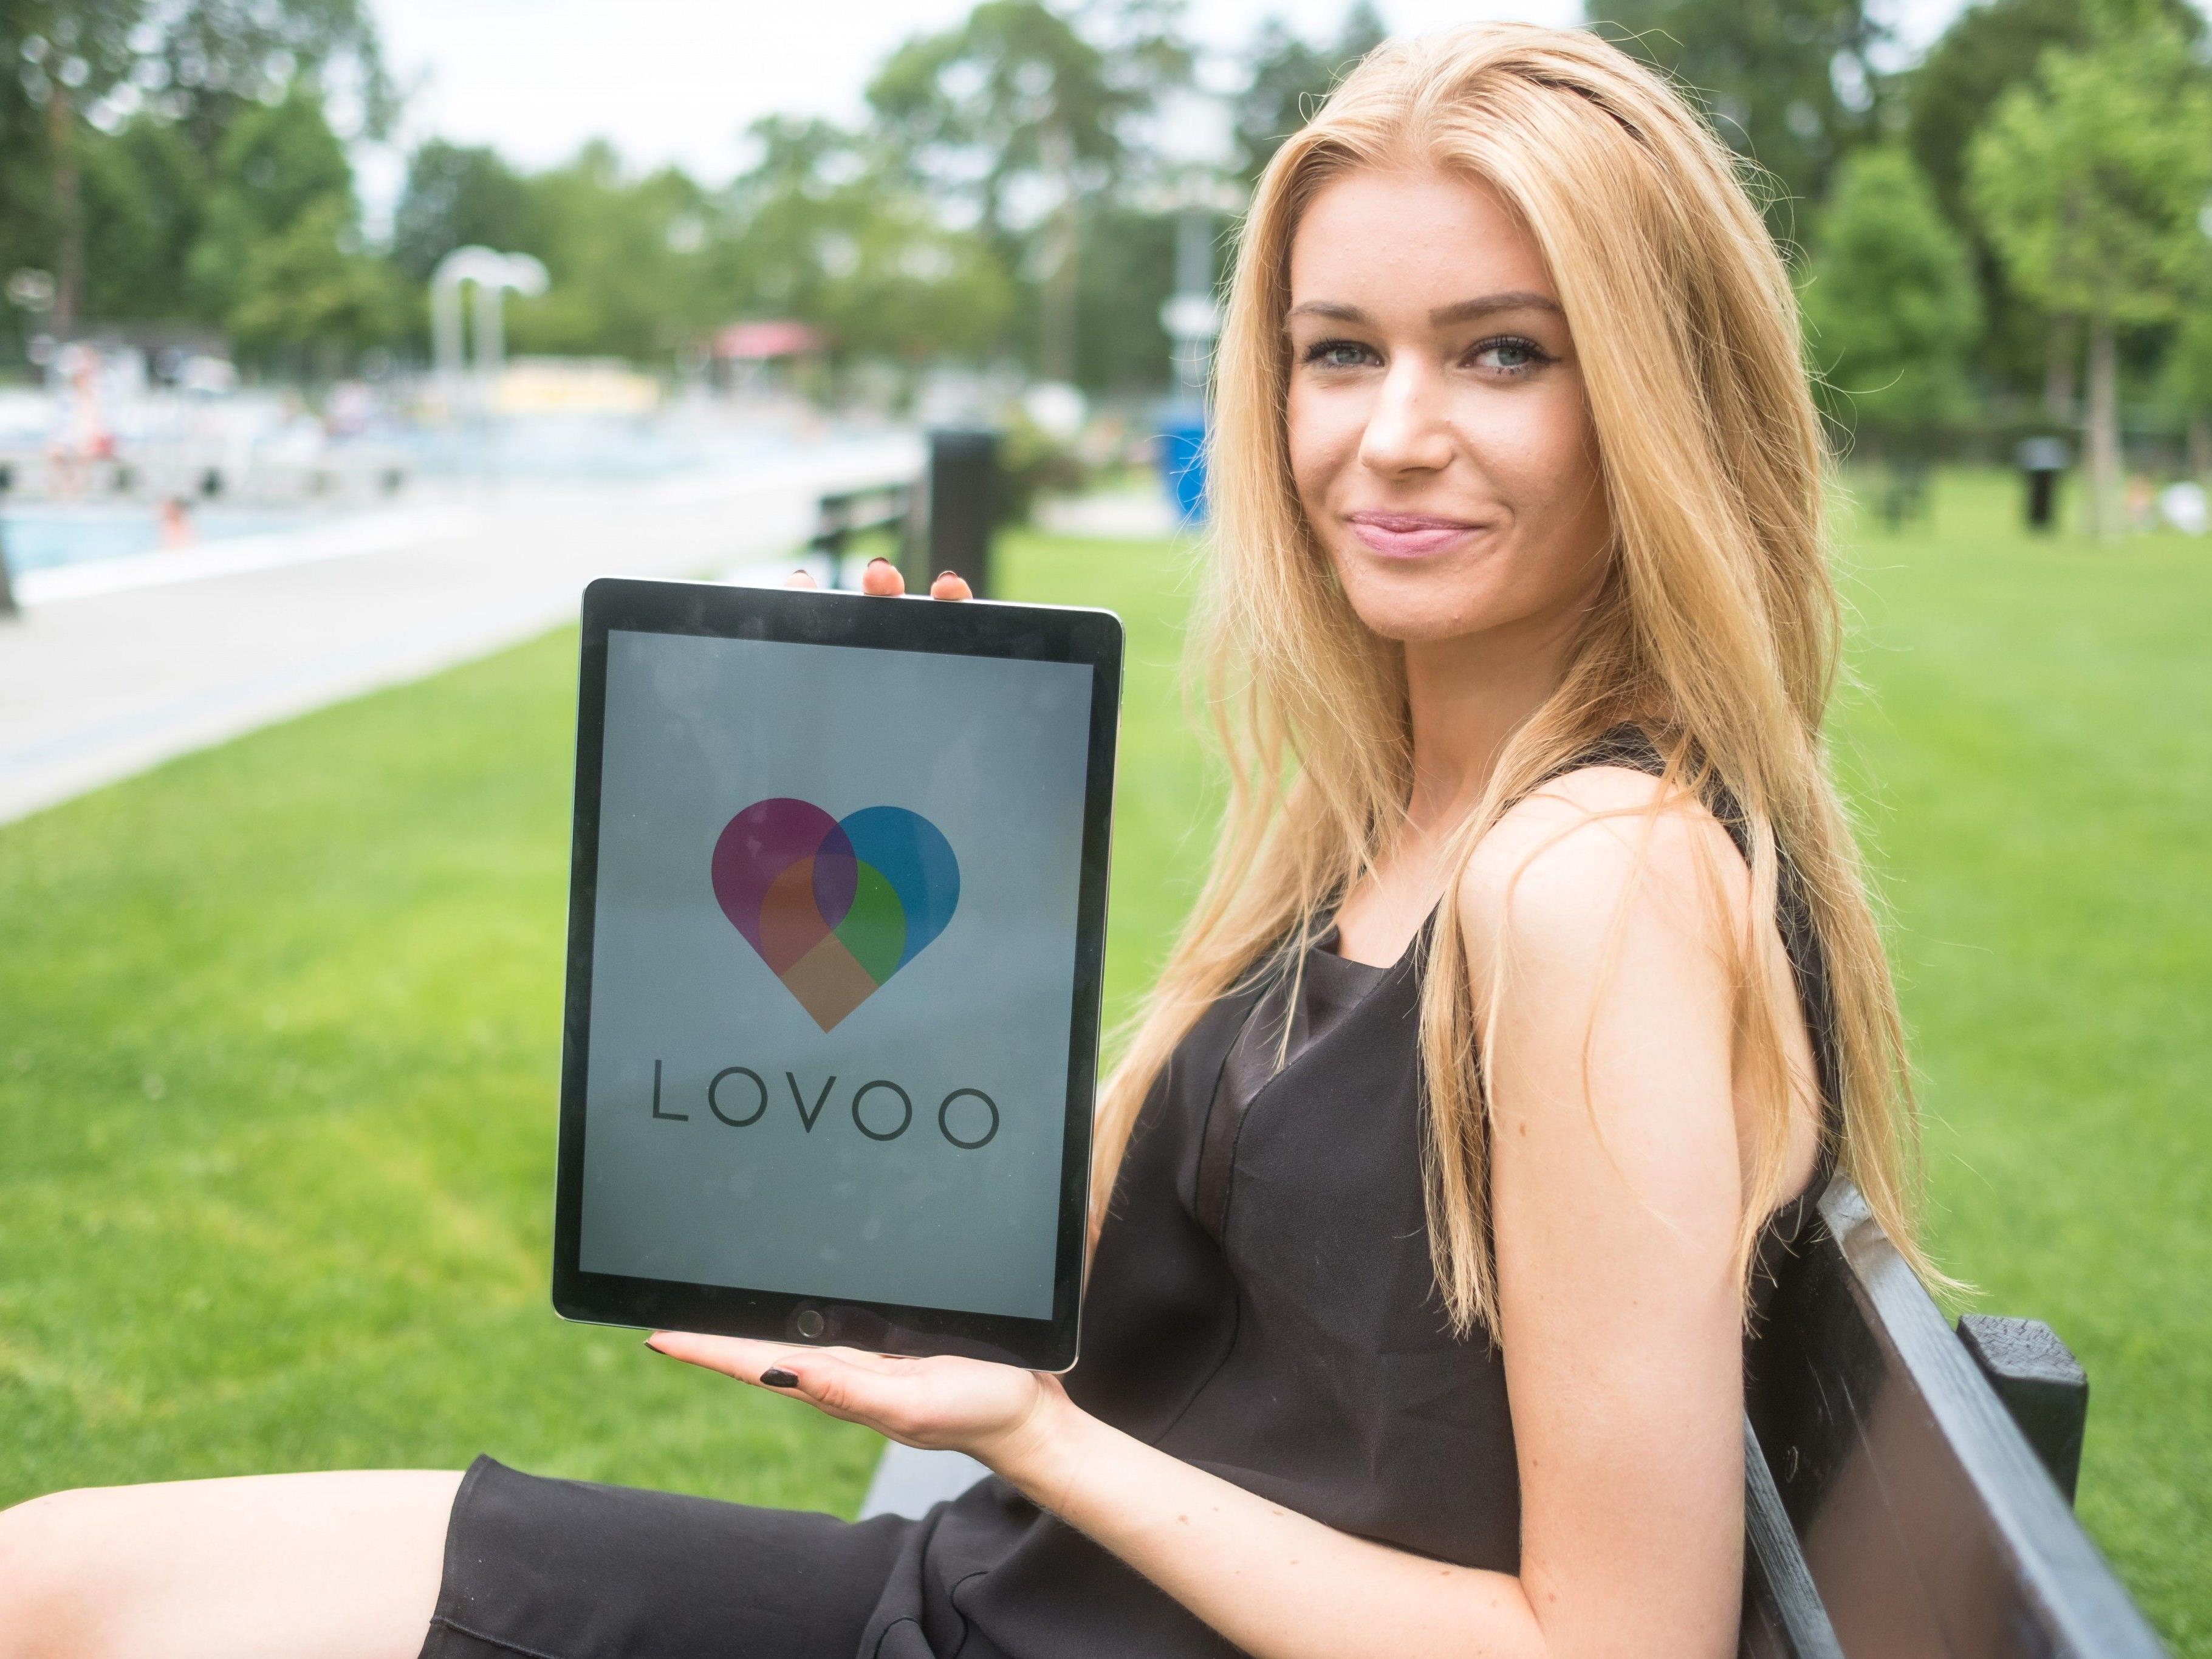 Bei den vielen Angeboten an Single-Apps sind junge Menschen oft überfordert.